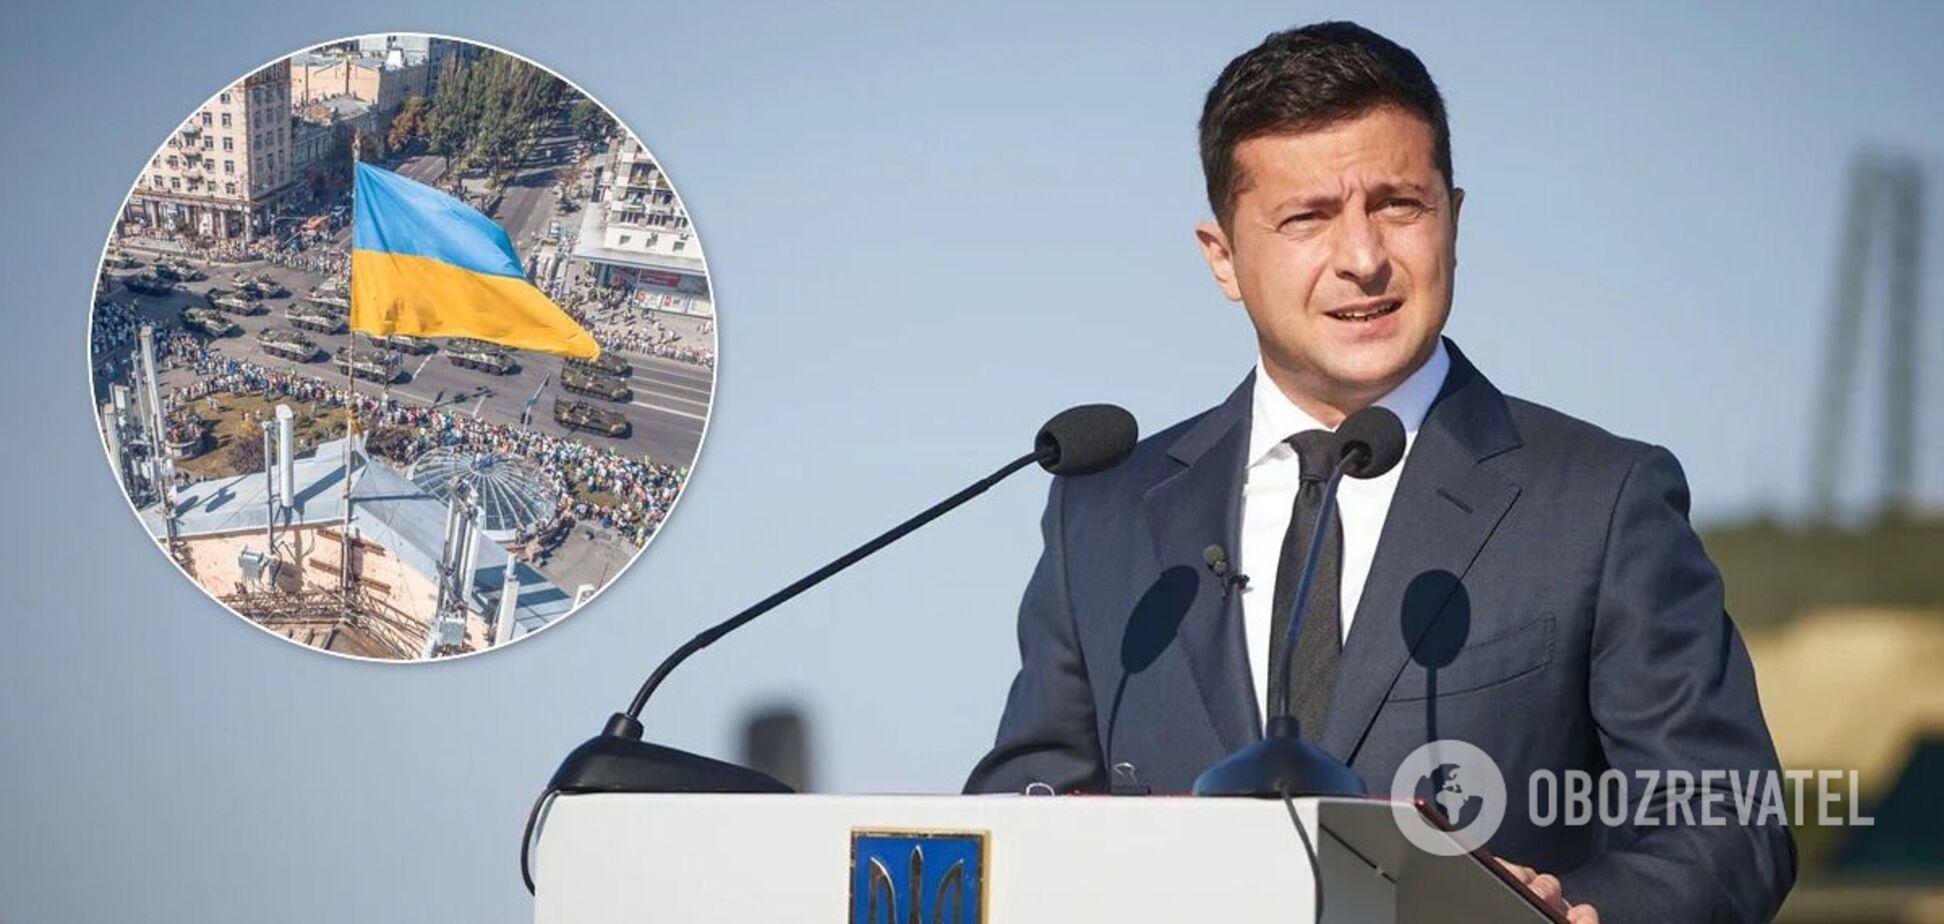 Зеленский рассказал о большом военном параде в Украине